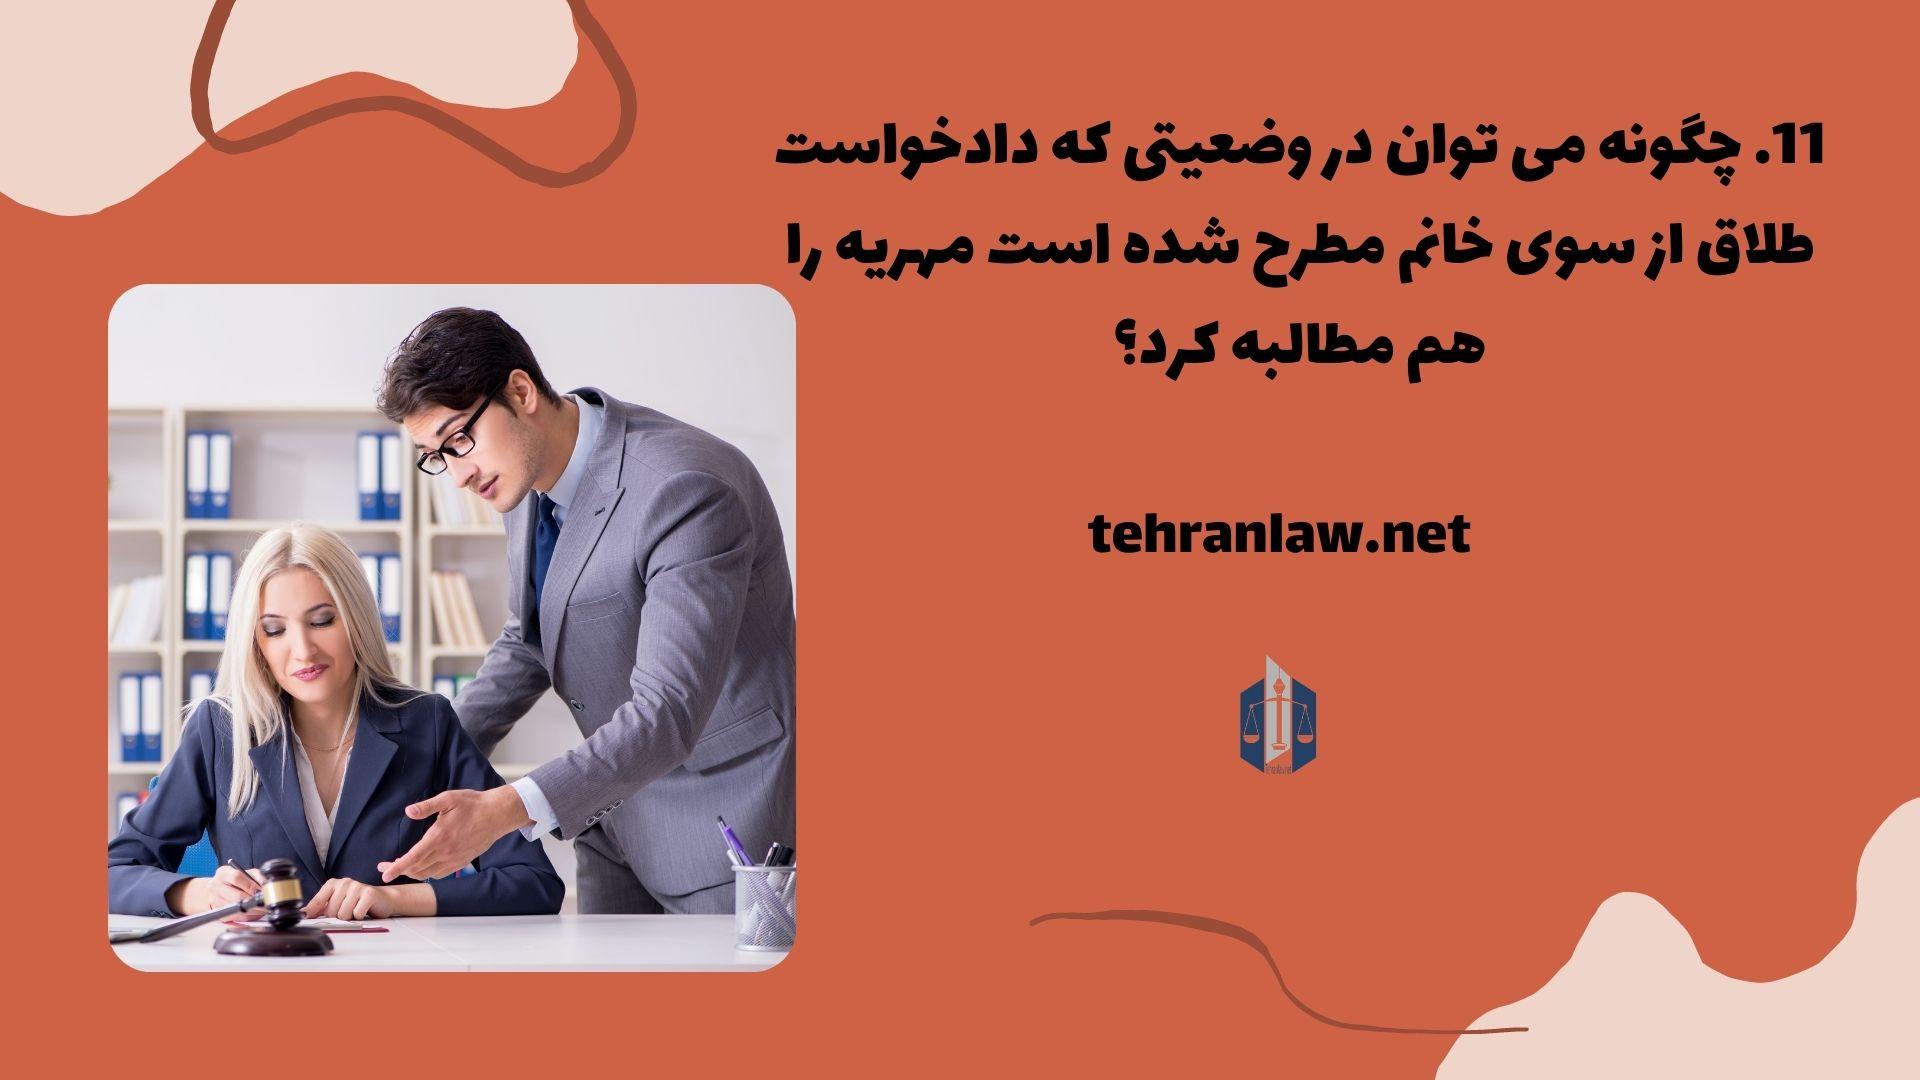 چگونه می توان در وضعیتی که دادخواست طلاق از سوی خانم مطرح شده است، مهریه را هم مطالبه کرد؟